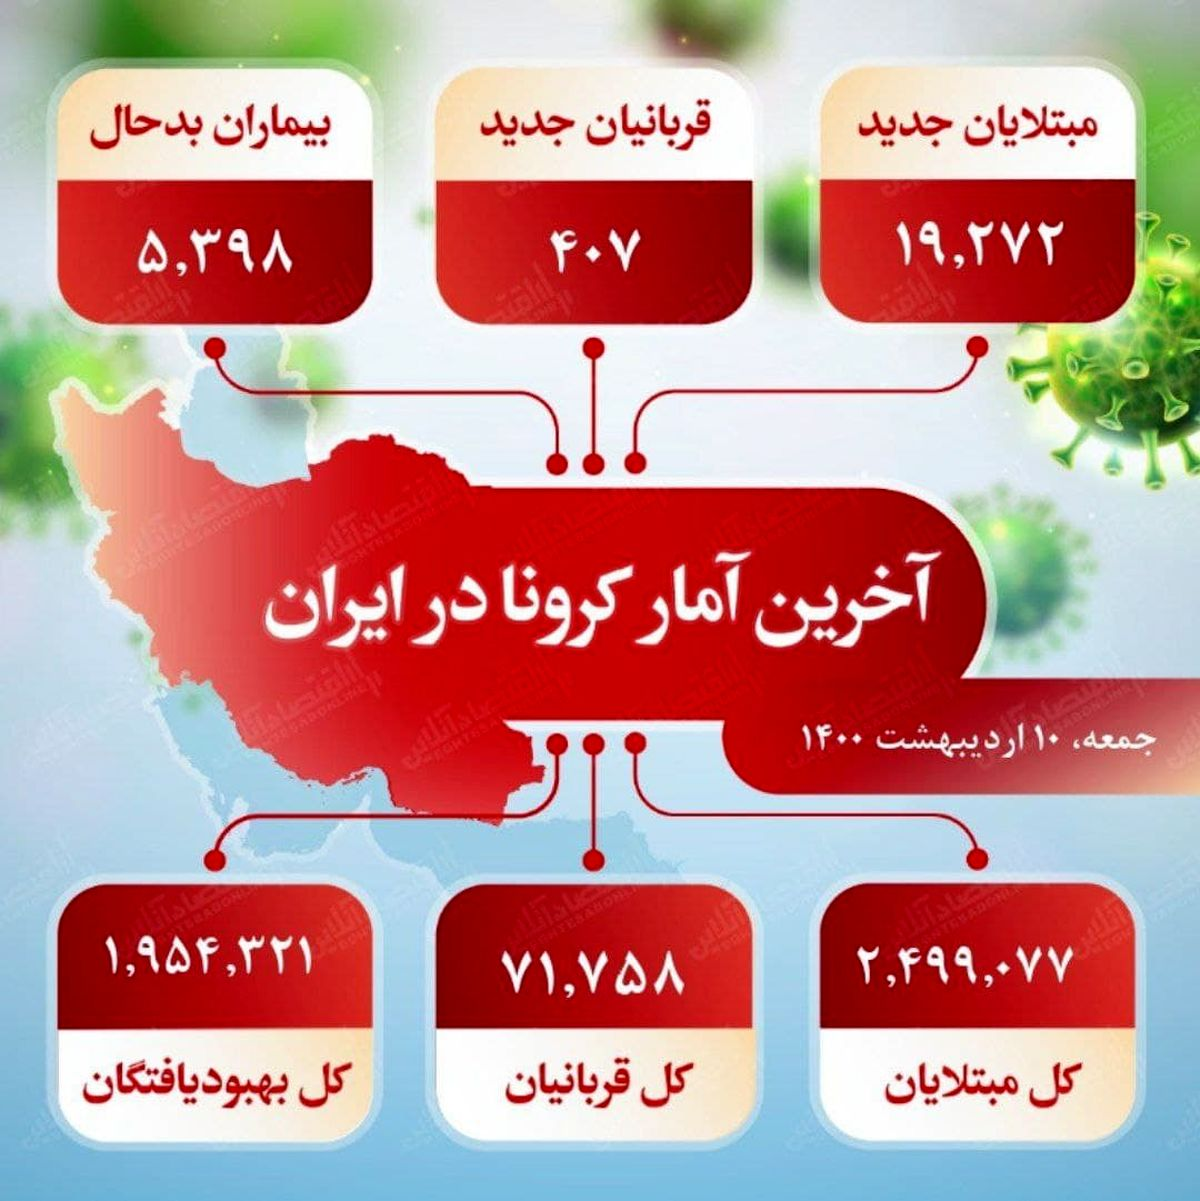 آخرین آمار کرونا در ایران (۱۴۰۰/۲/۱۰)